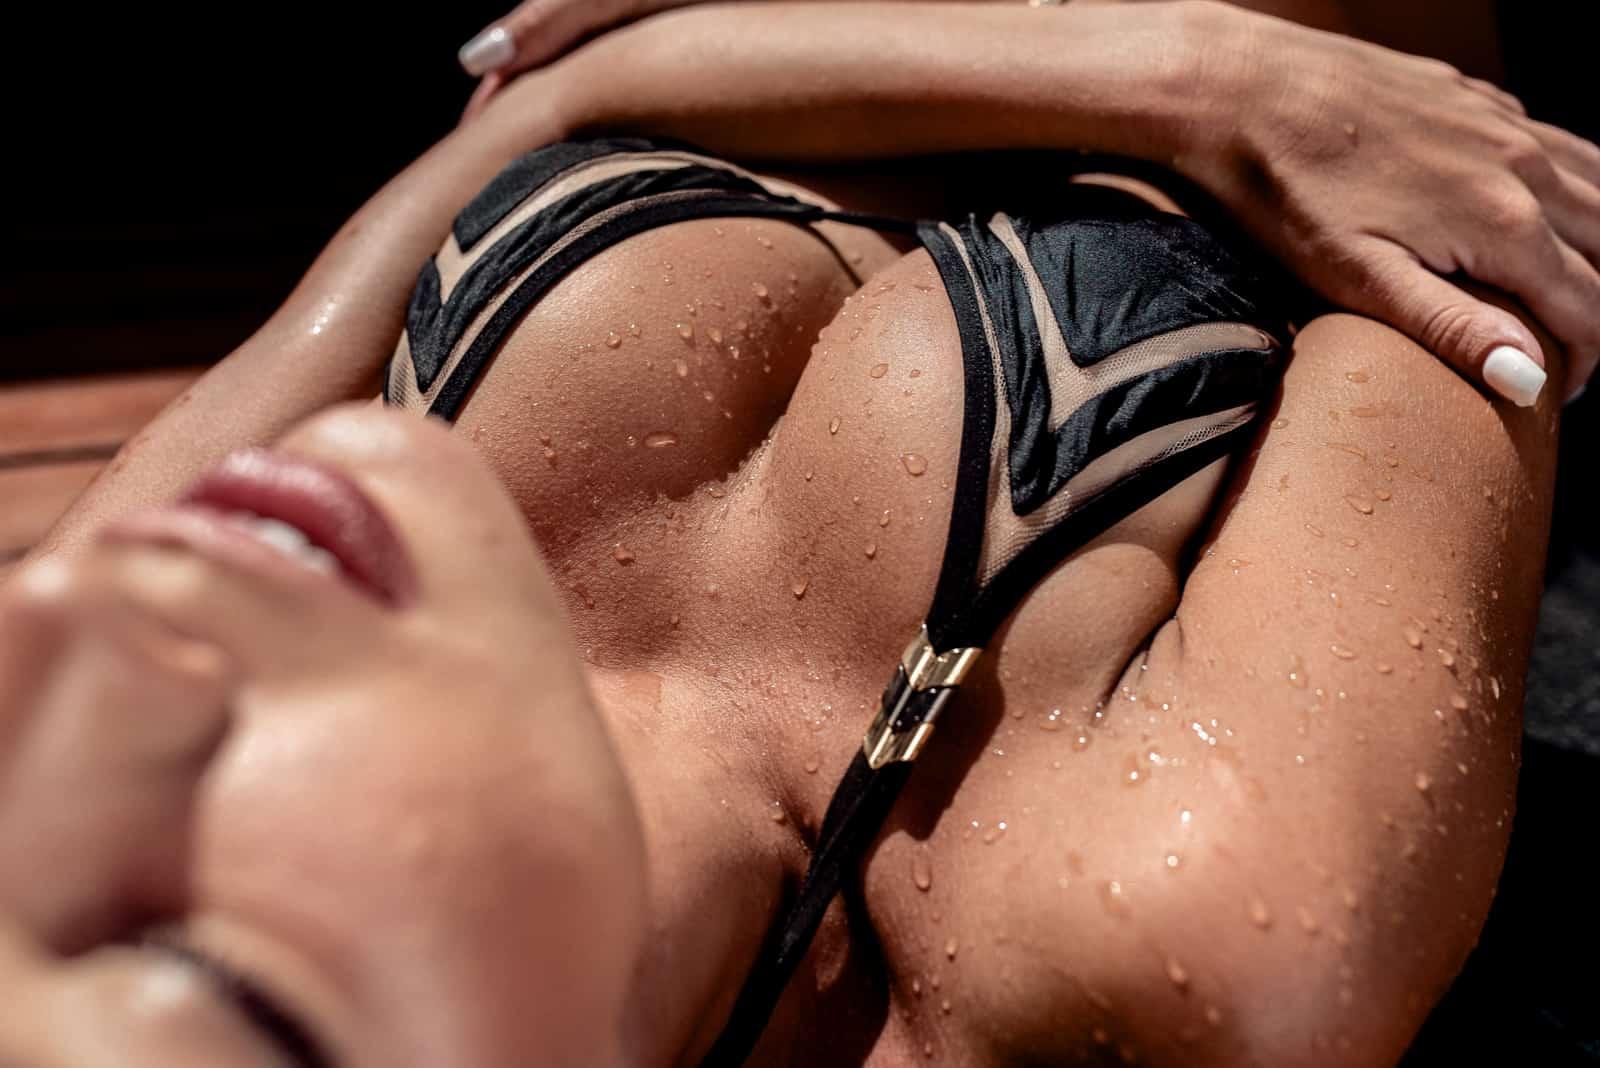 sexy latina in bikini lying wet